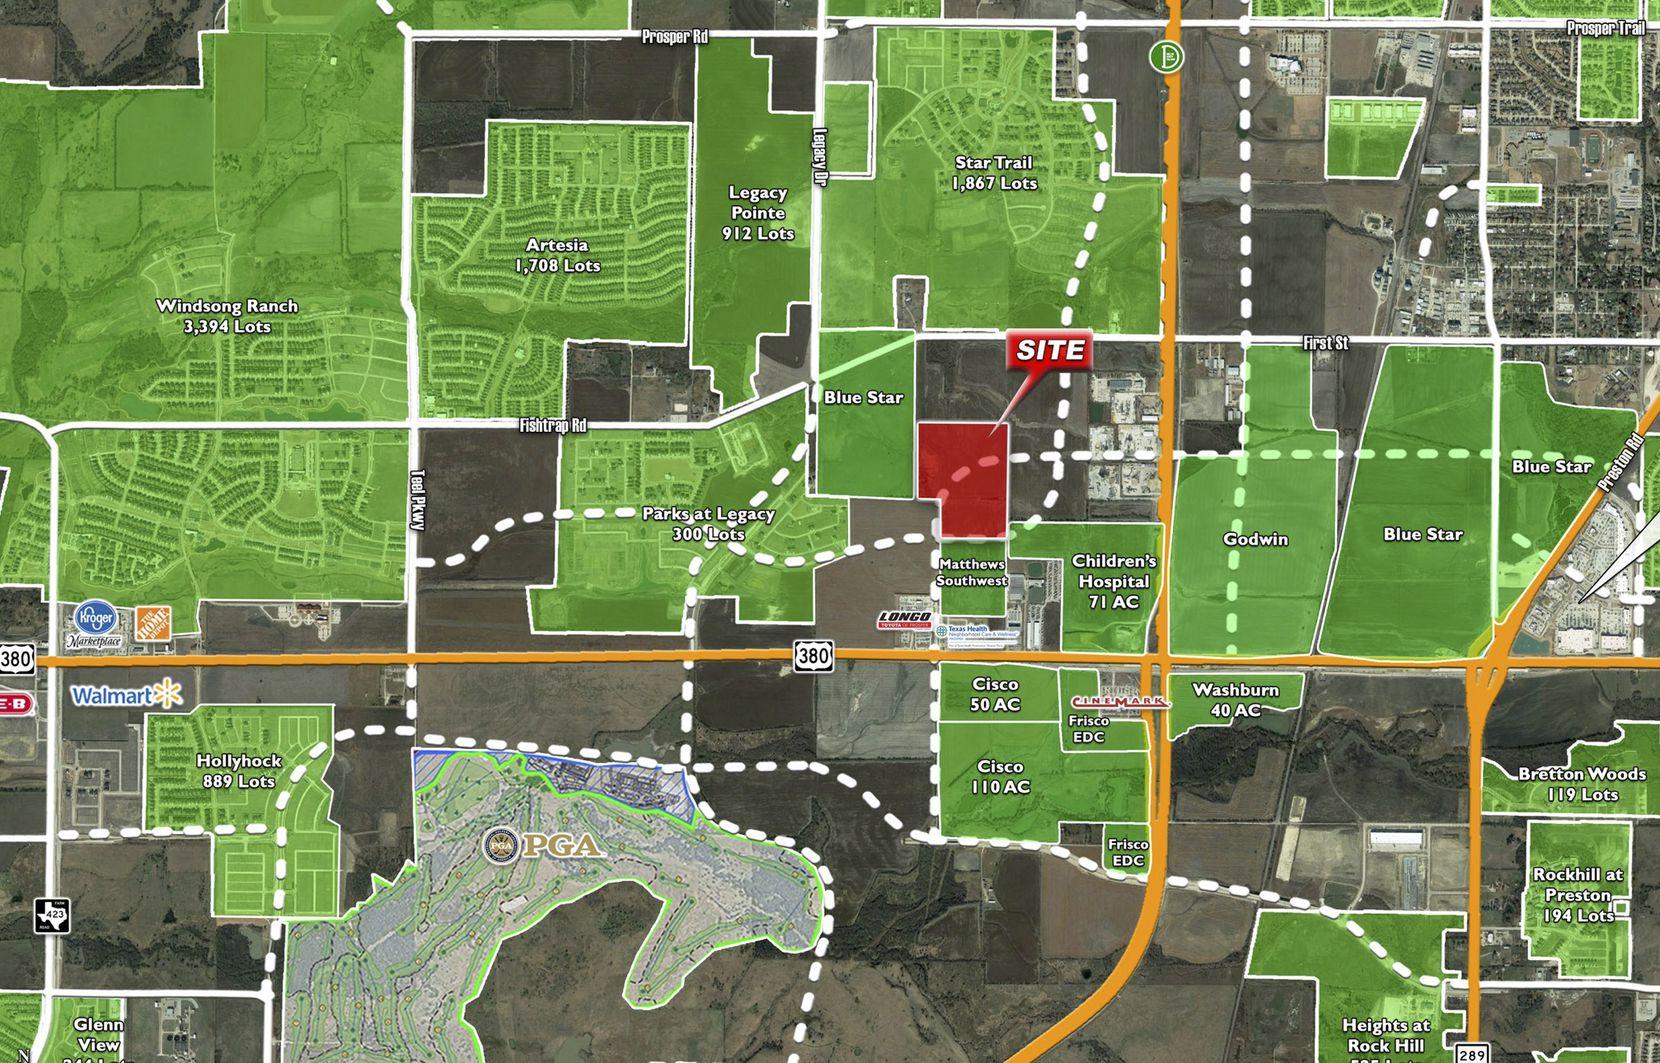 Standridge Cos.' purchase is near U.S. Highway 380 in Prosper.